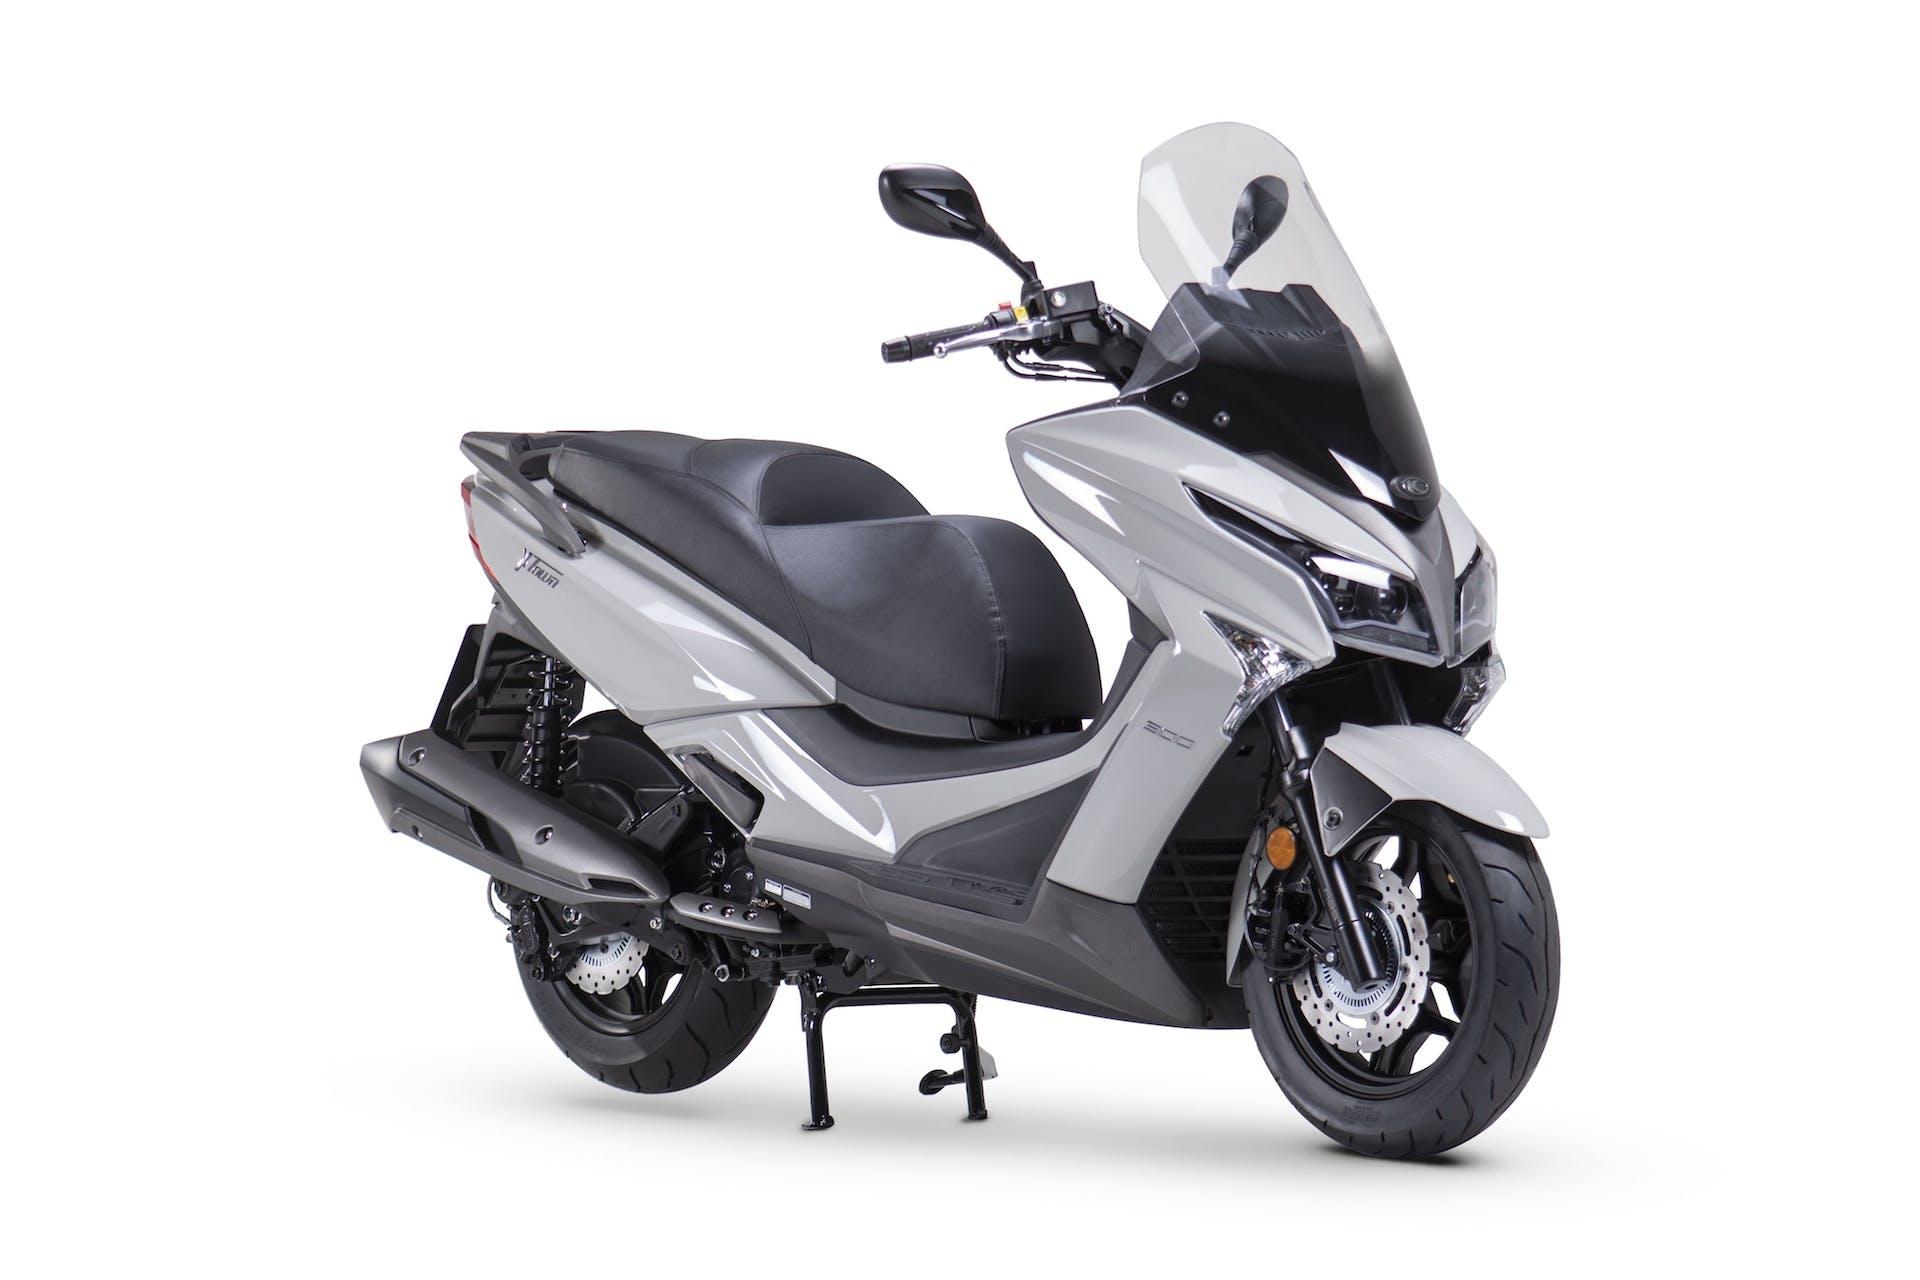 Kymco X-Town 300i ABS - scooter sul cavalletto centrale visto anteriormente di tre quarti